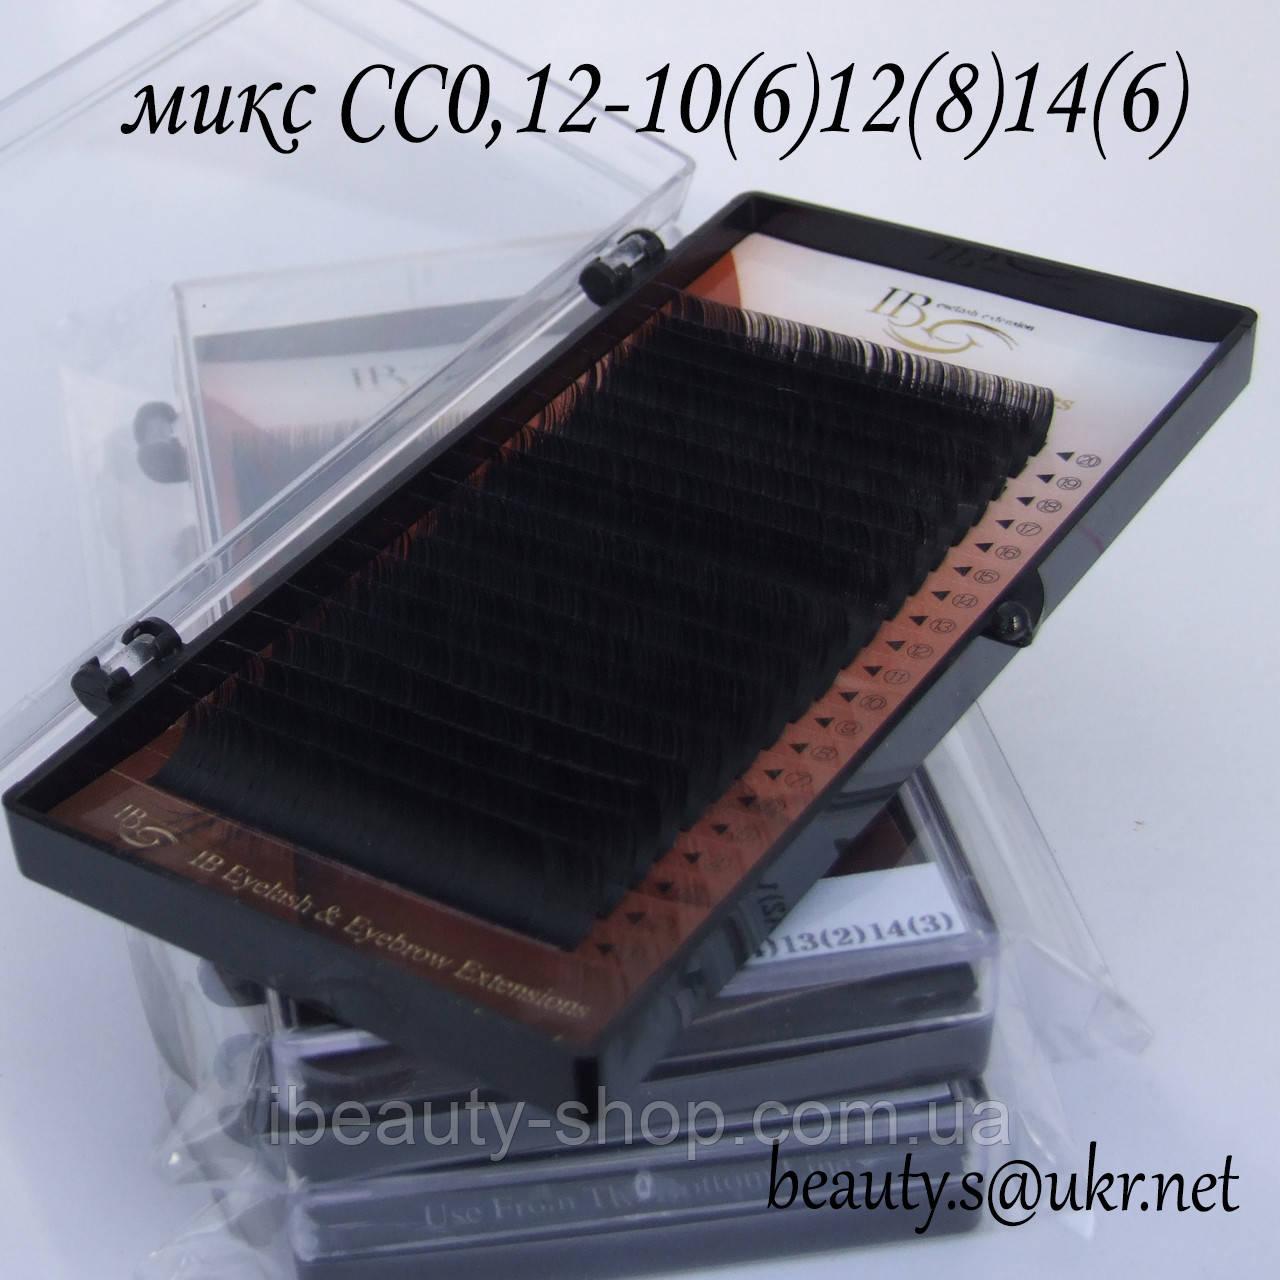 Ресницы I-Beauty микс СС-0,12 10-12-14мм